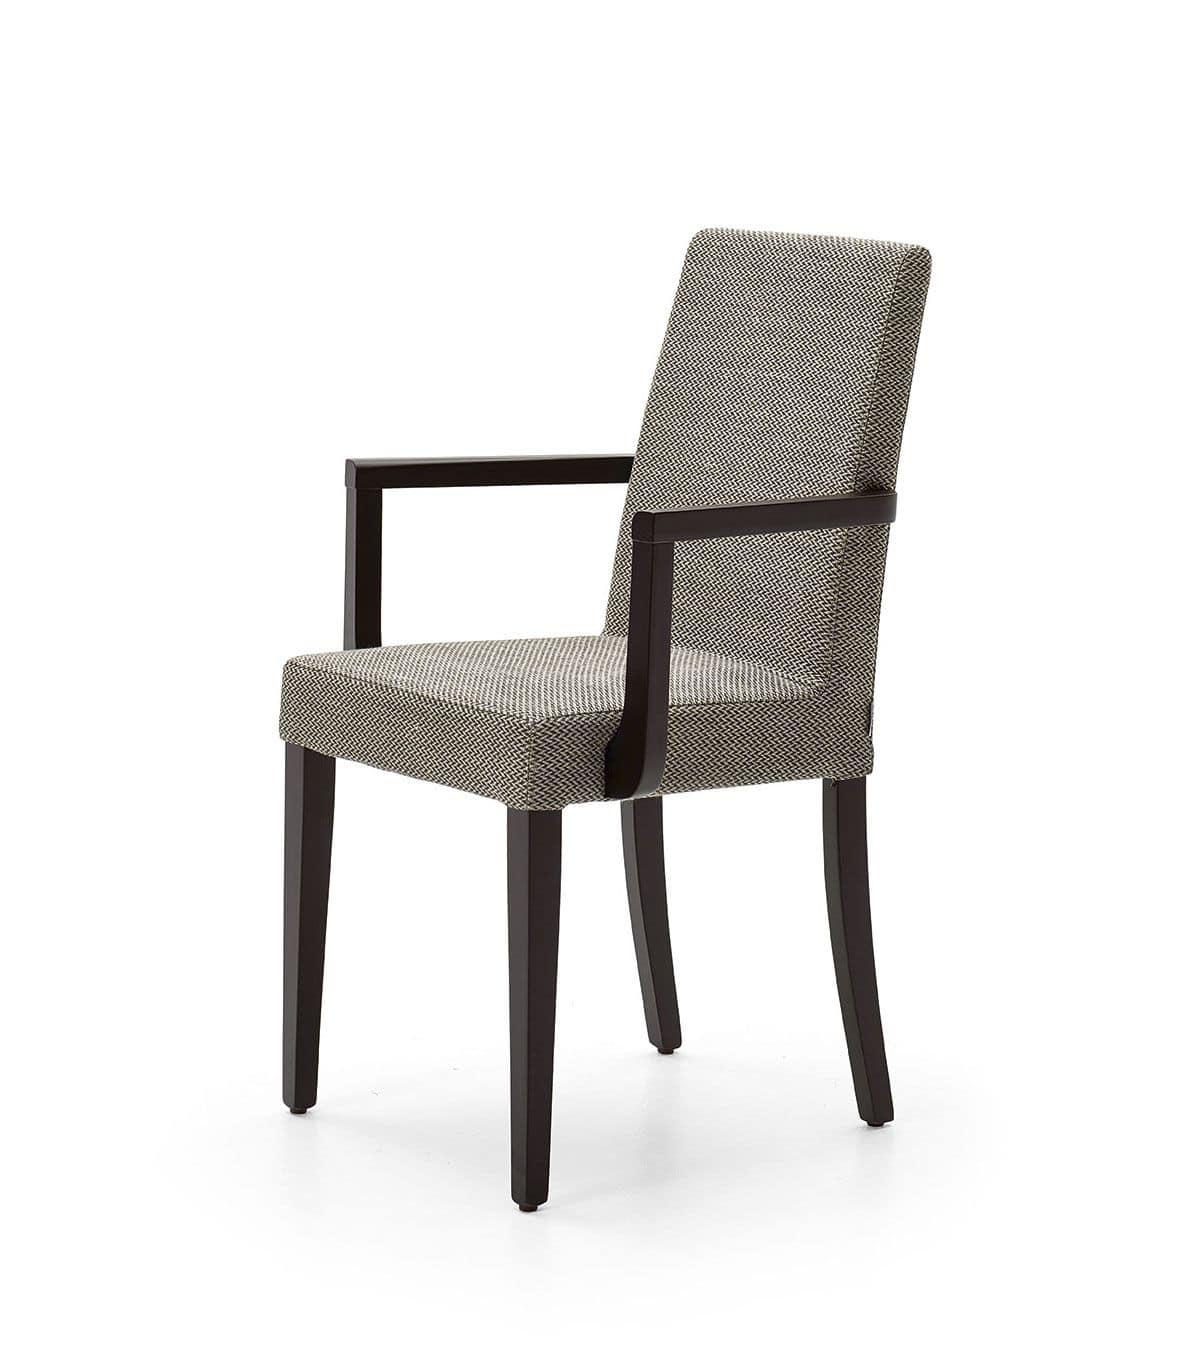 lounge sessel mit gro en sitz f r moderne hotels idfdesign. Black Bedroom Furniture Sets. Home Design Ideas